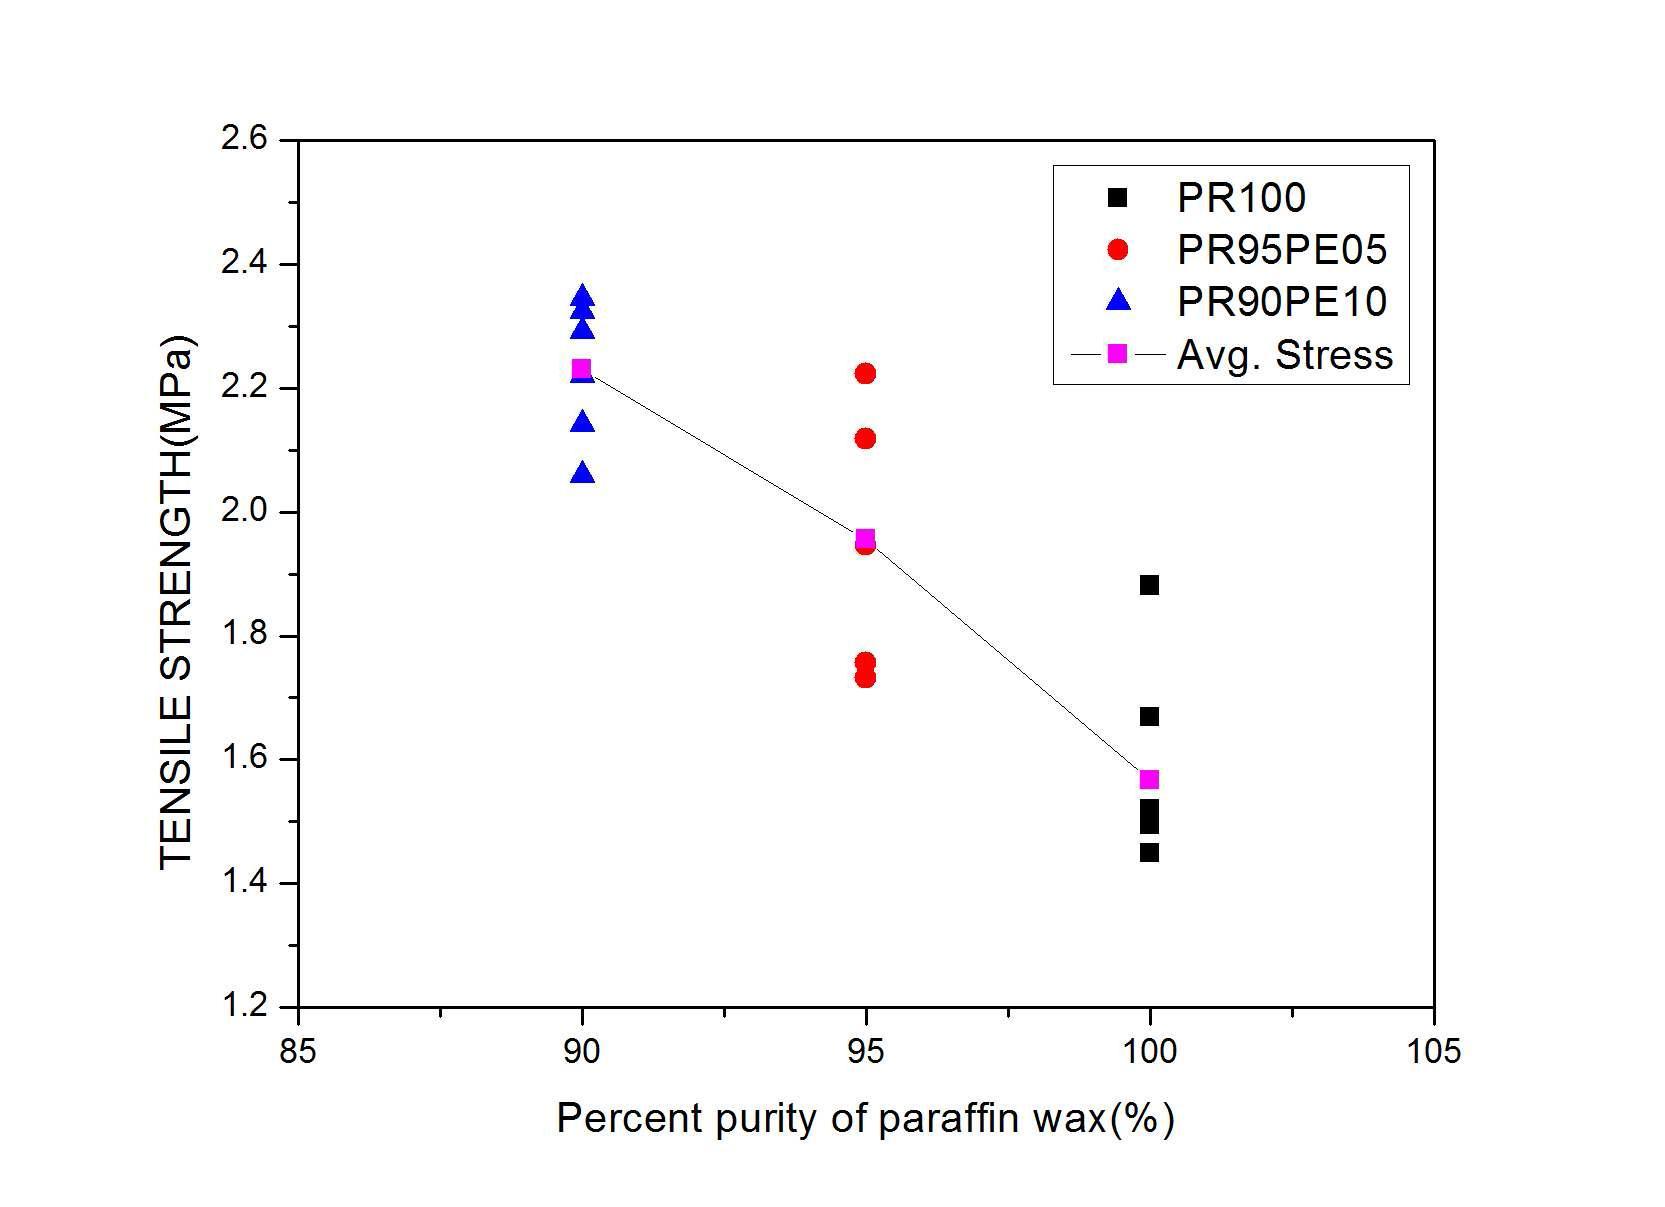 파라핀 왁스의 wt %에 따른 인장응력